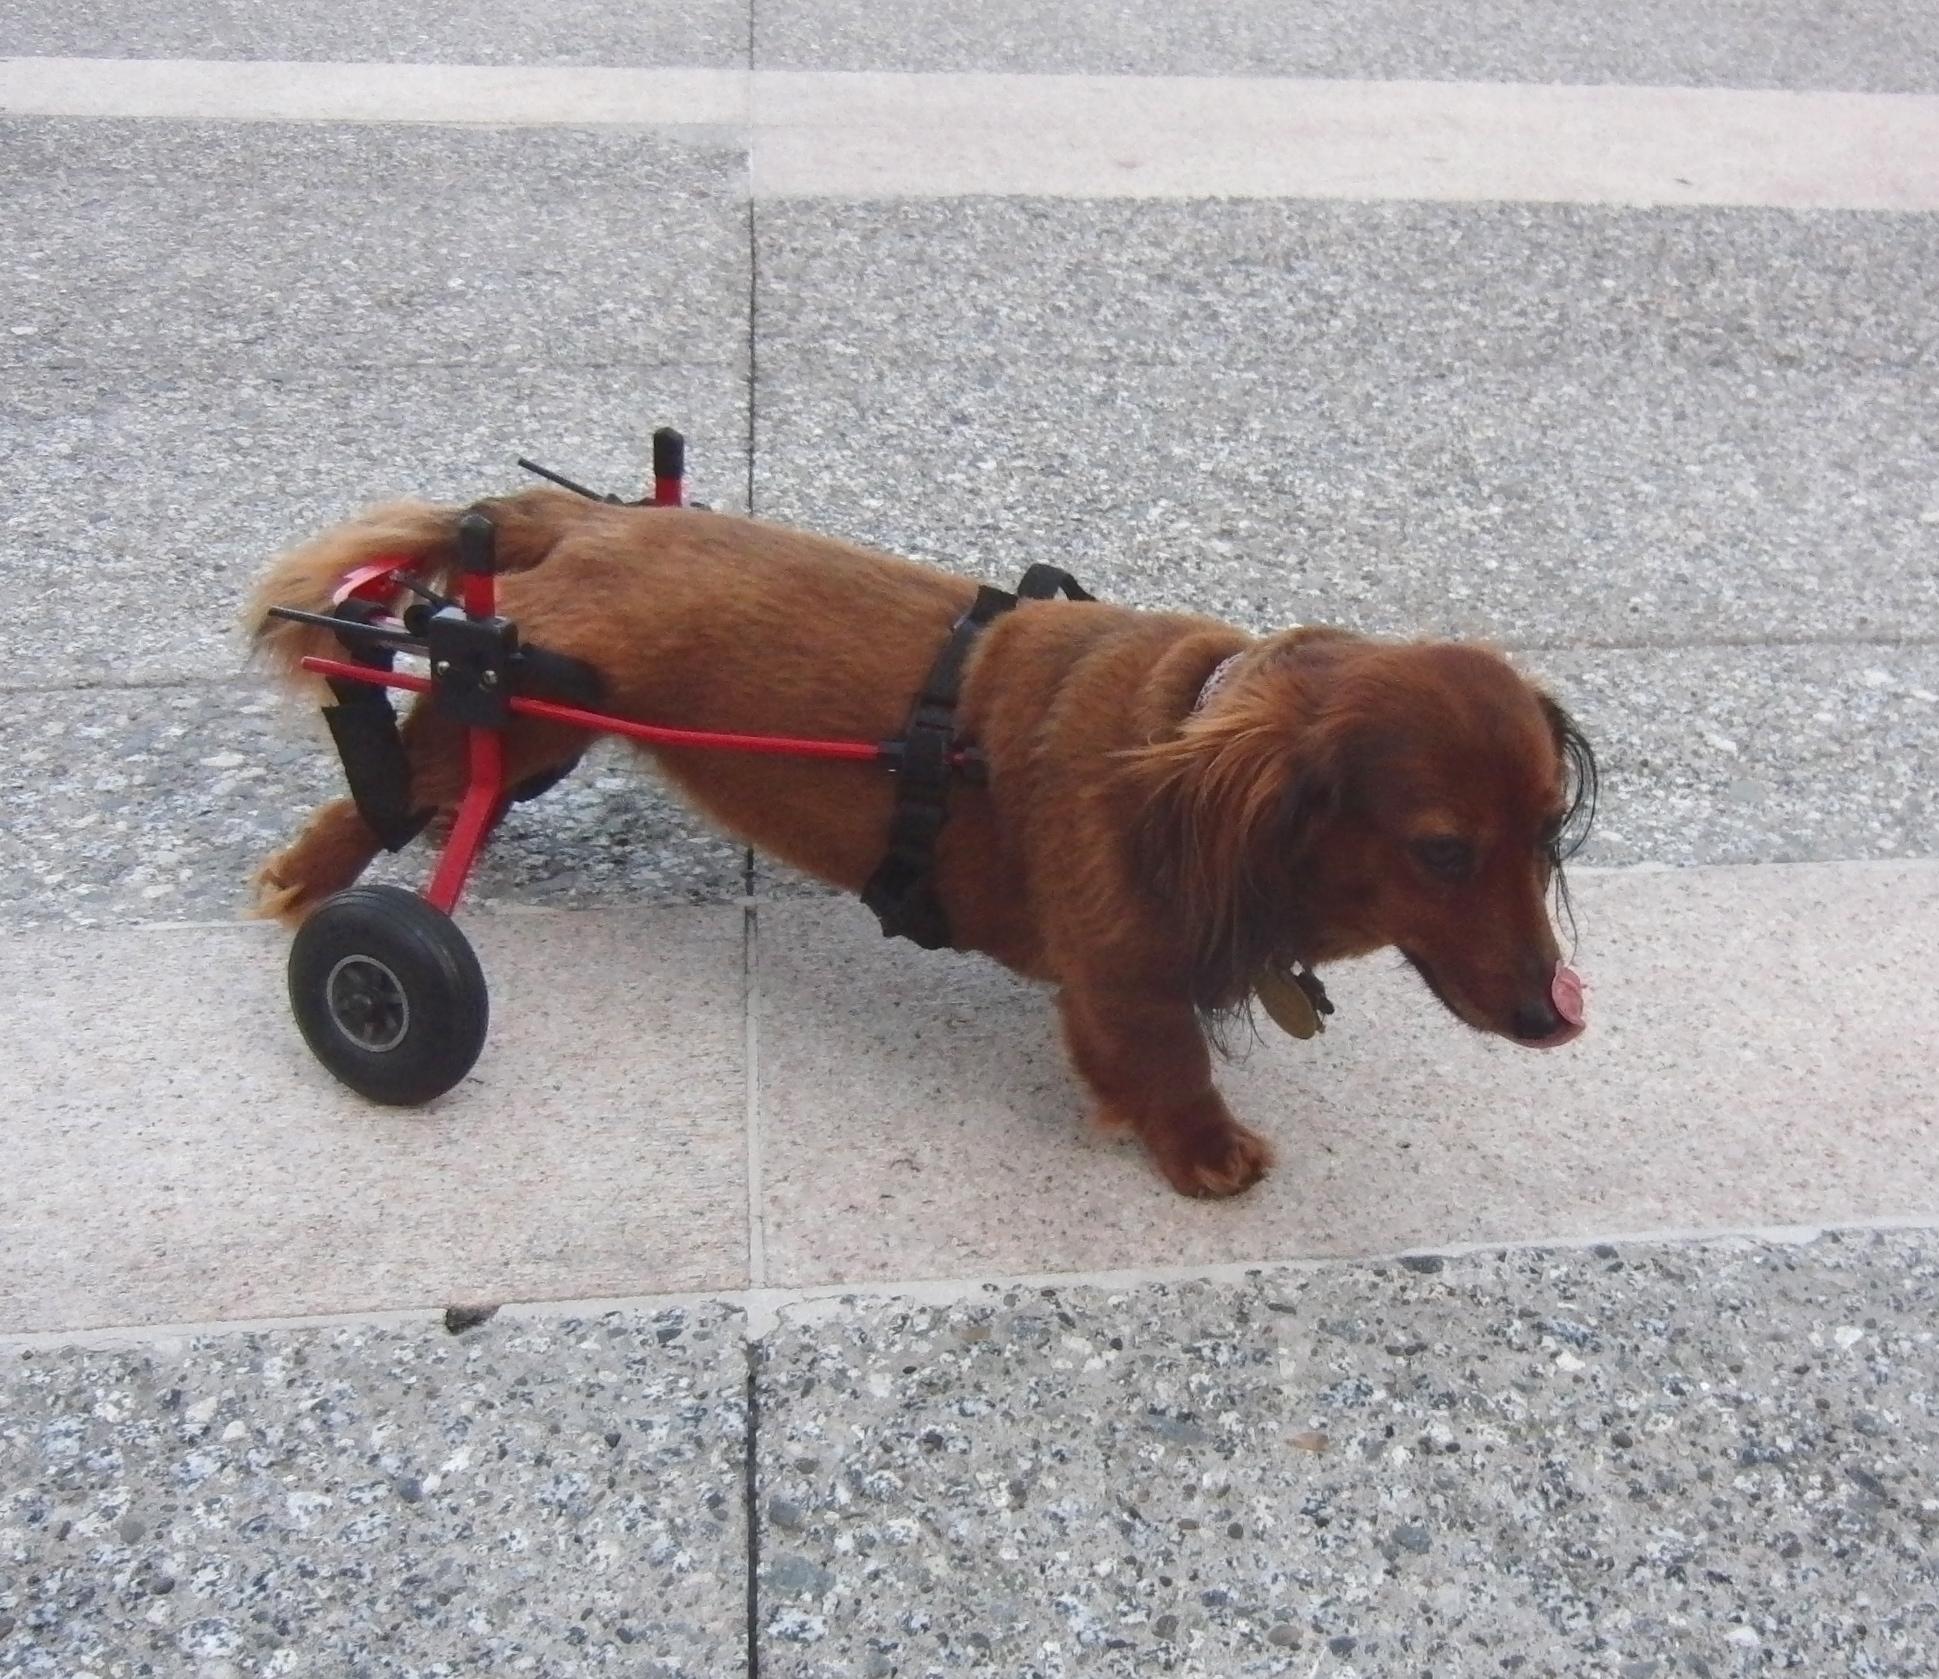 Dachshund with wheels.